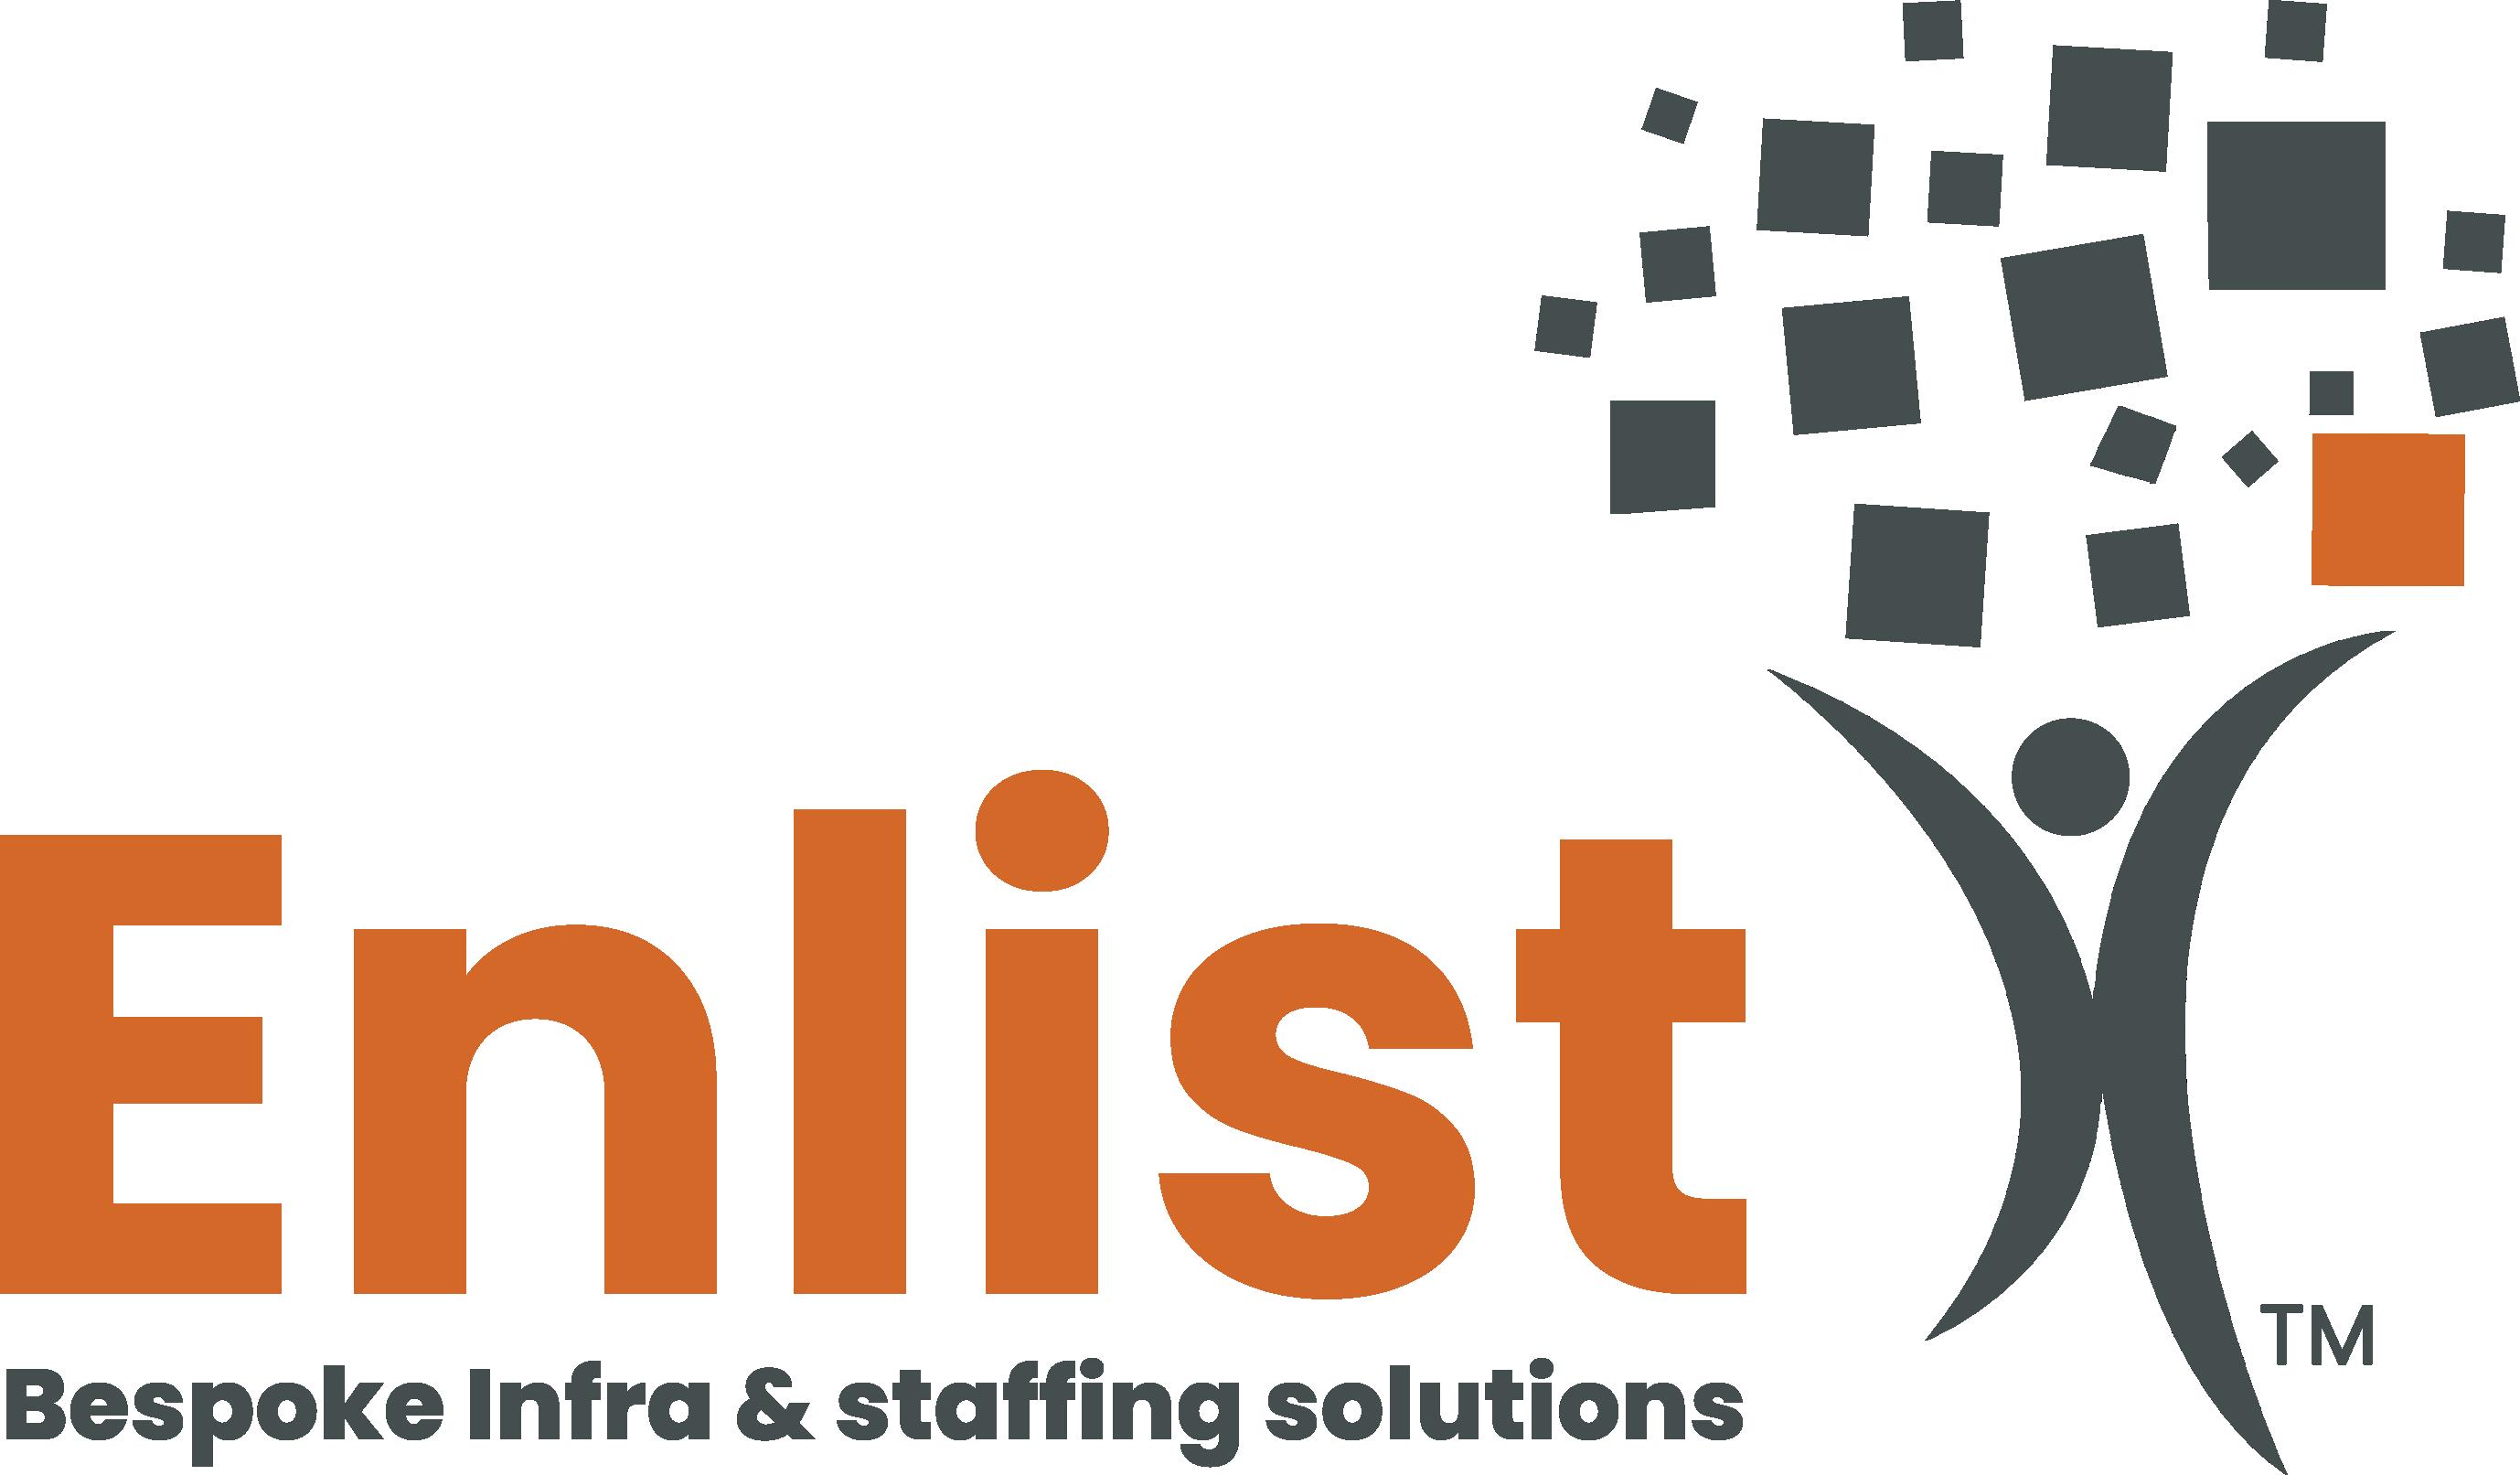 Enlist Management Consultants